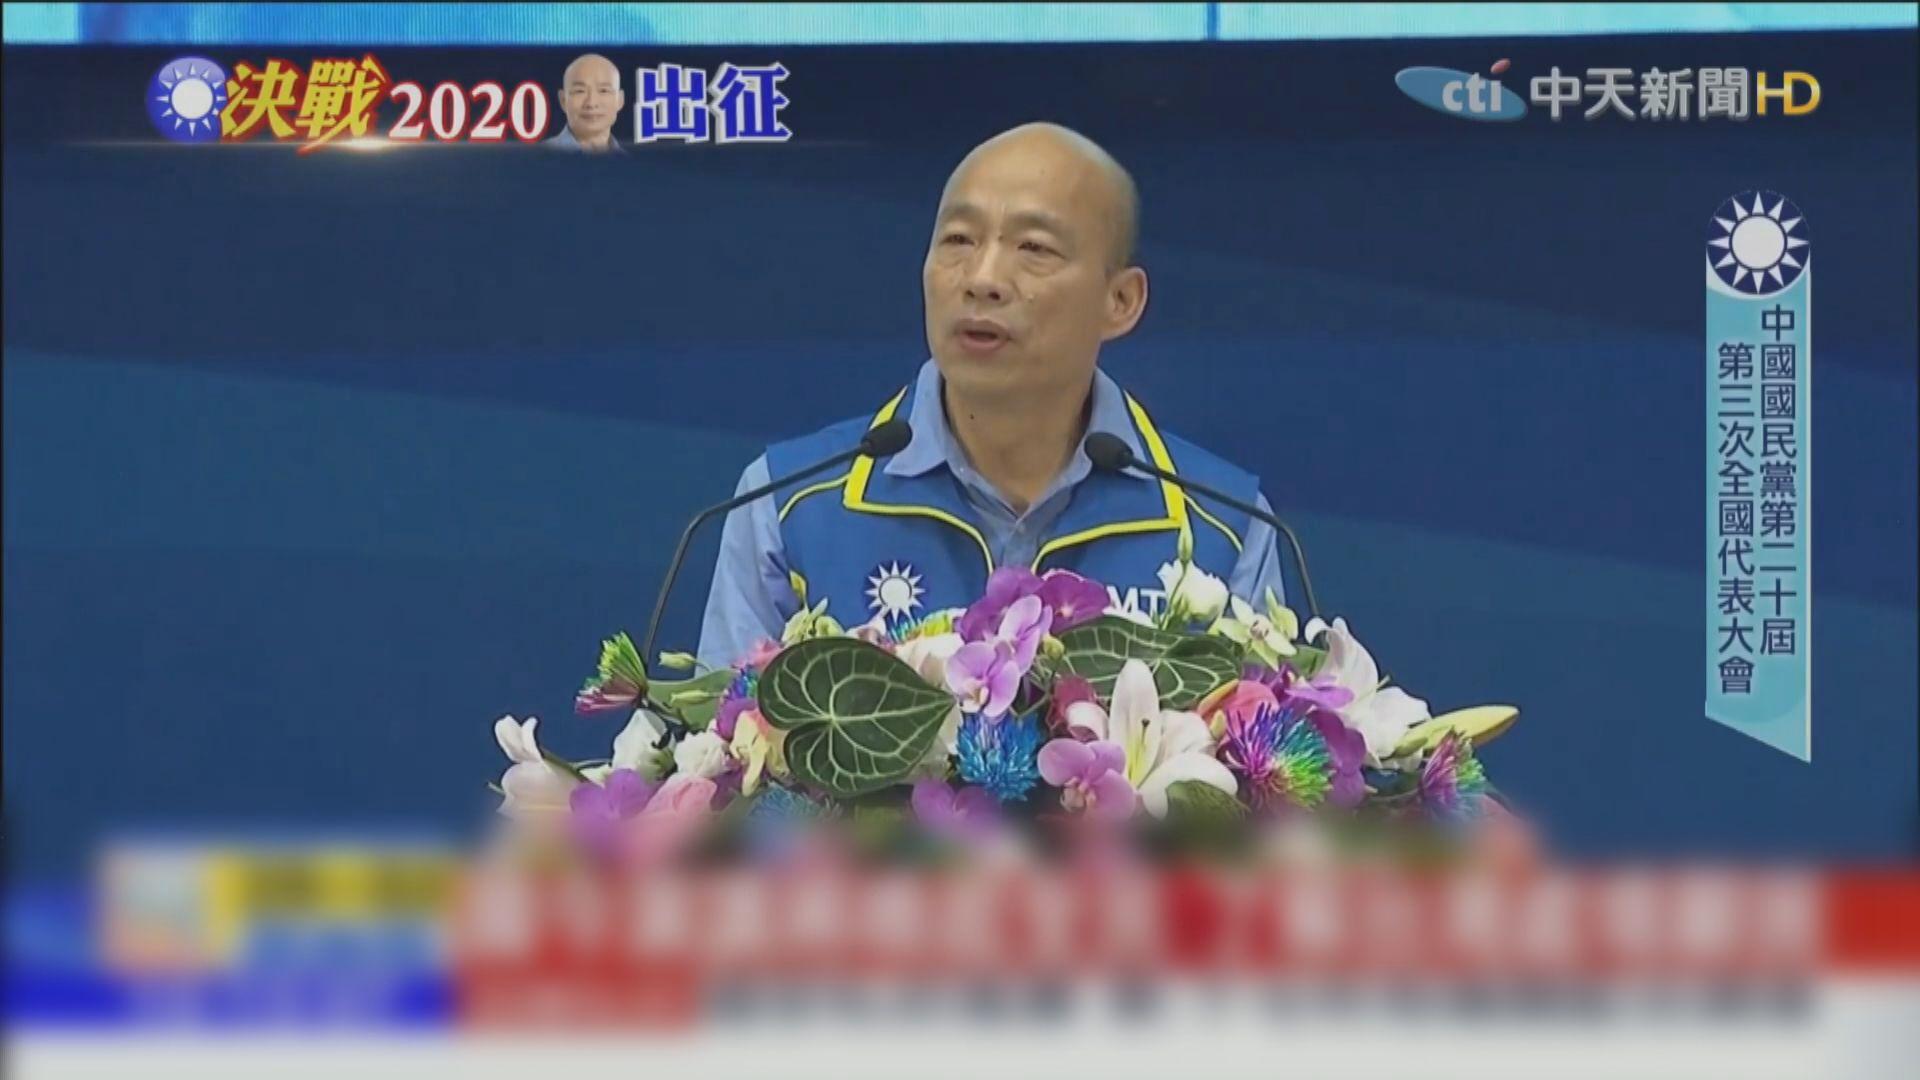 國民黨提名韓國瑜參選總統